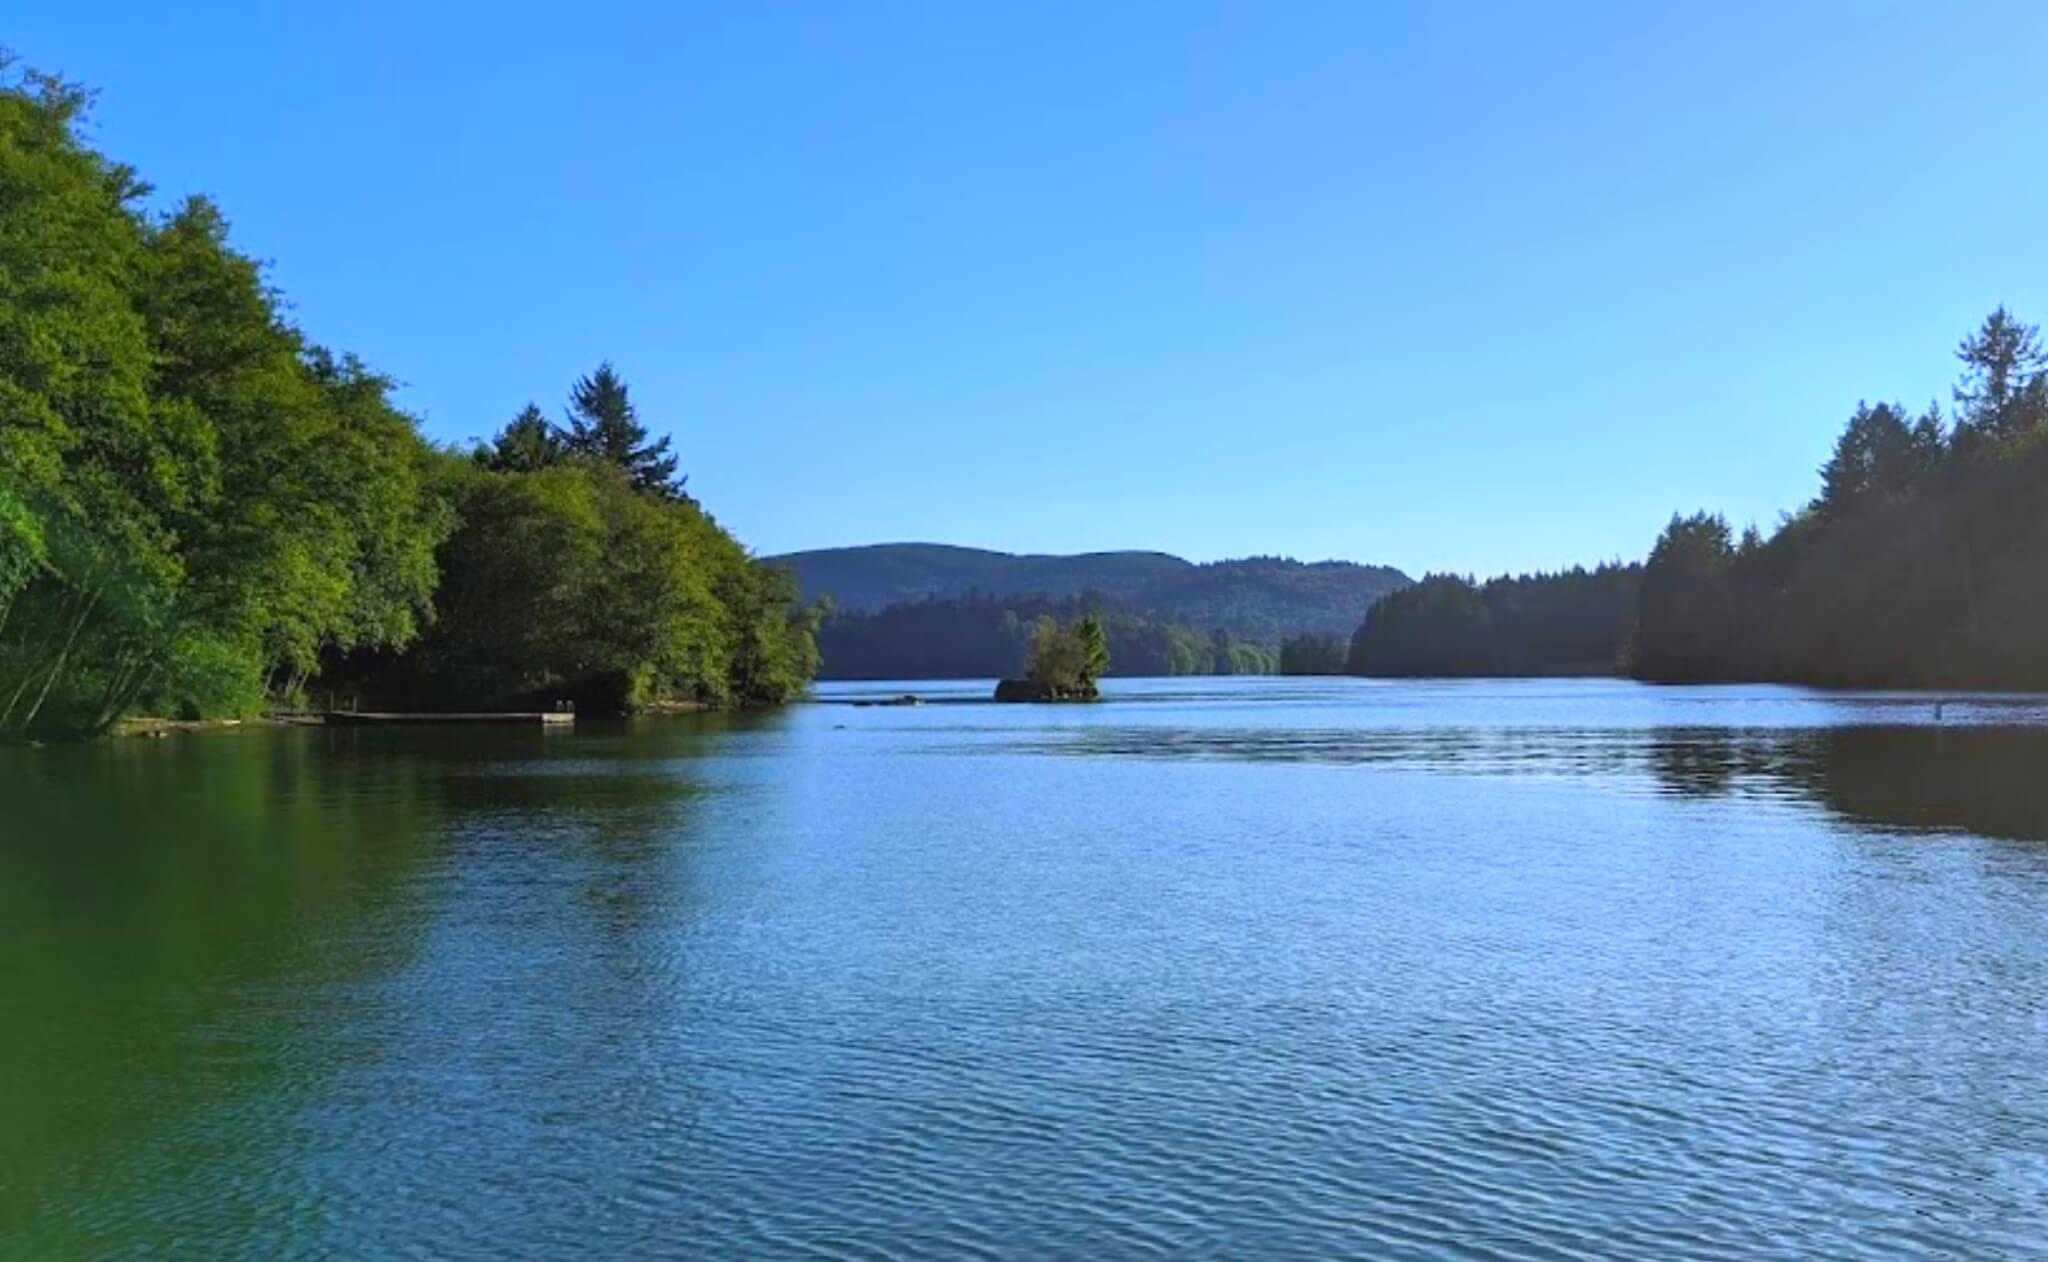 Mayfield-Lake-Fishing-Report-Guide-Washington-WA-01